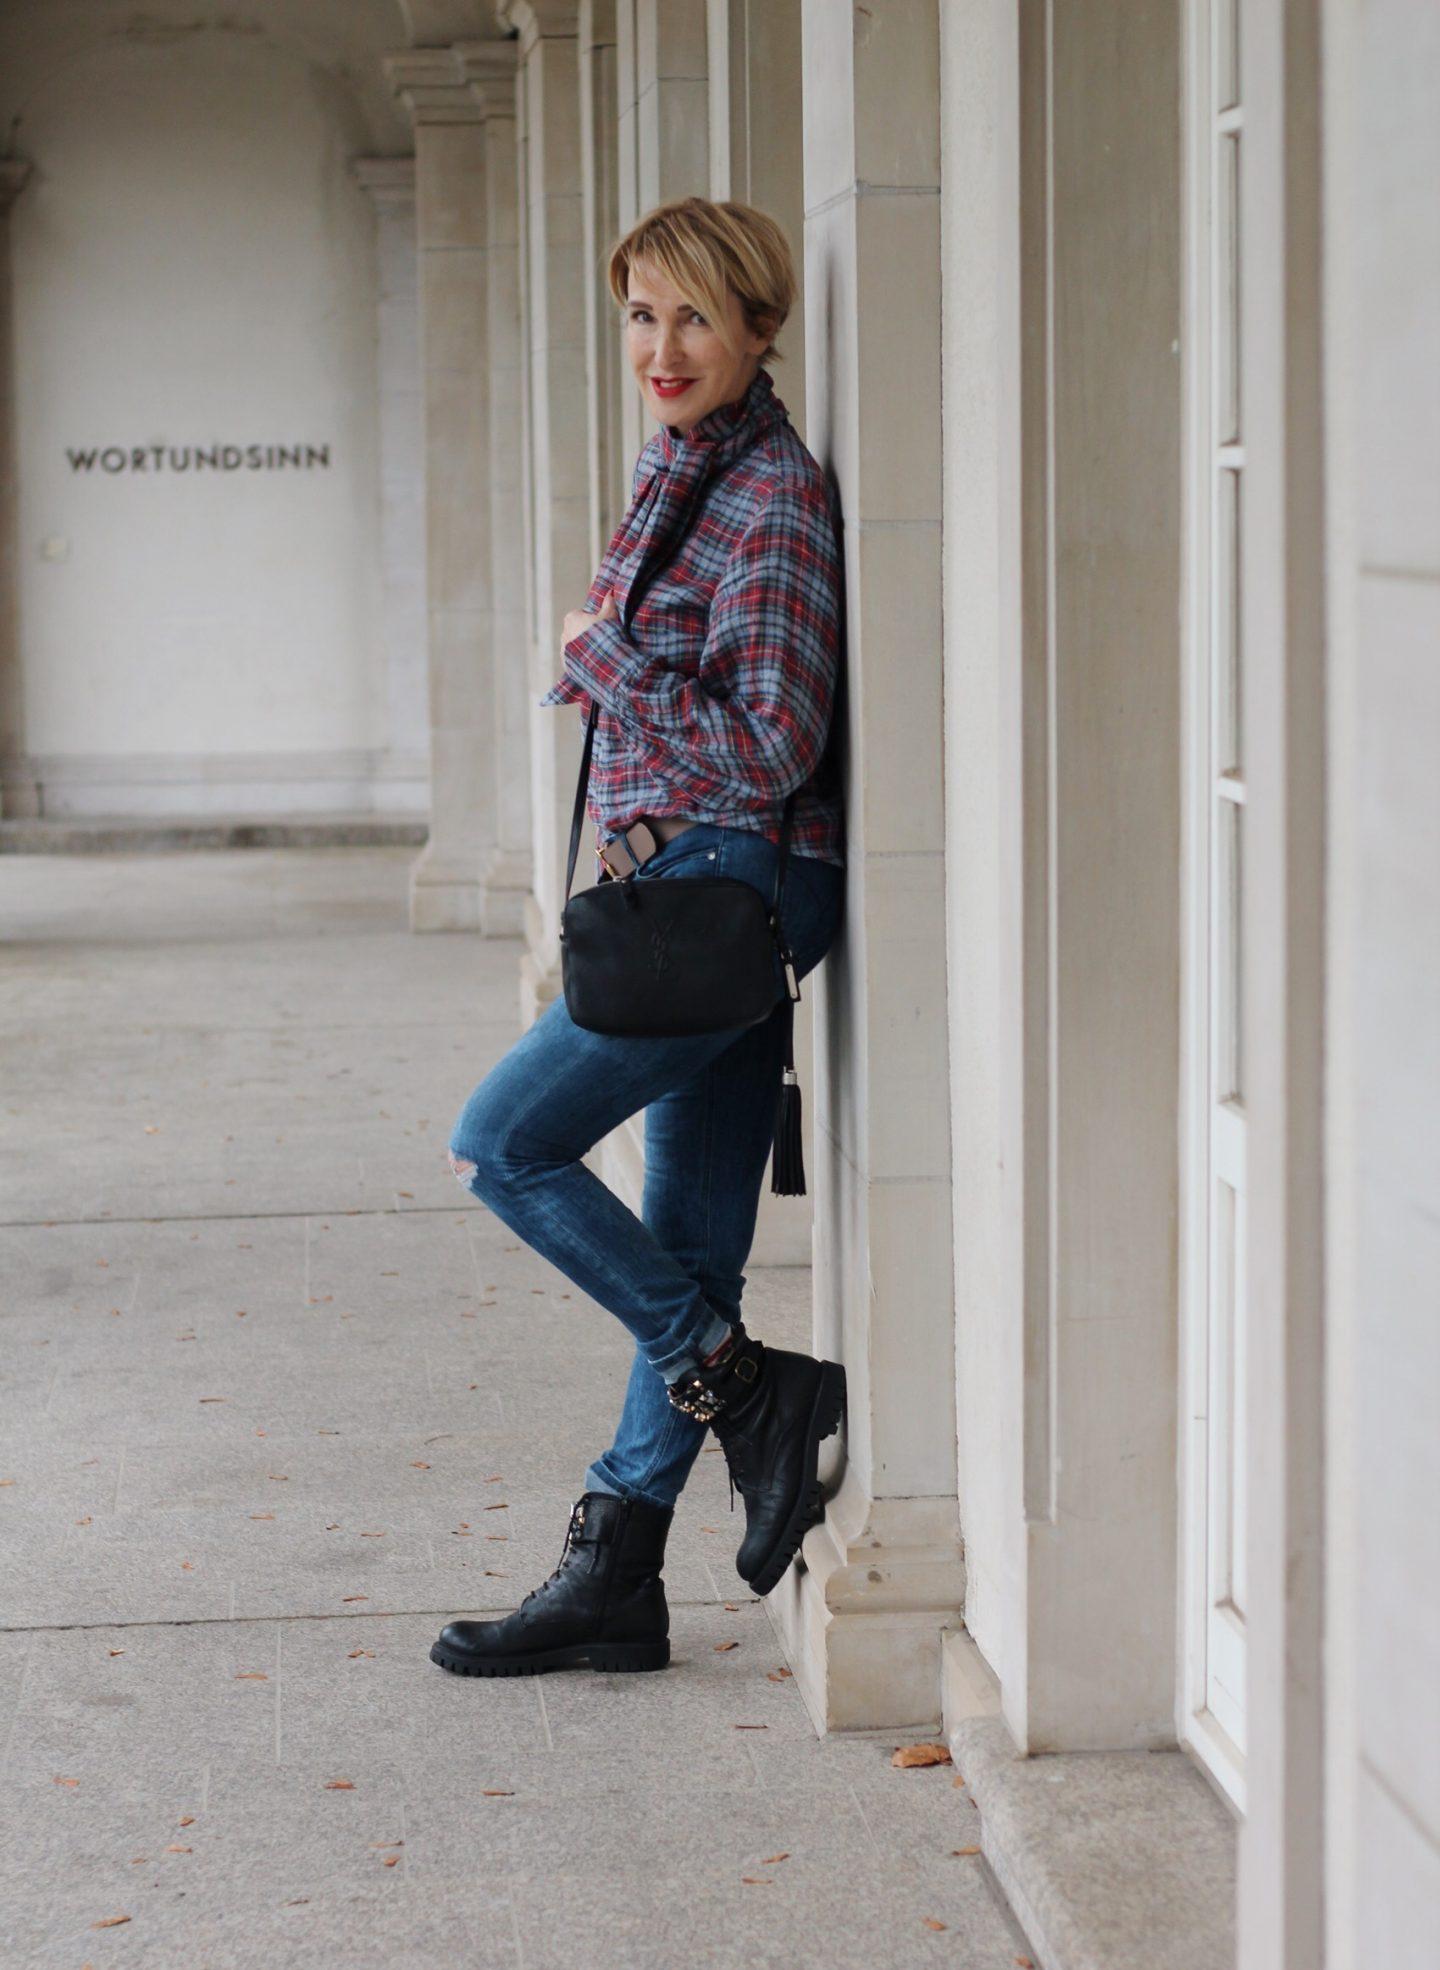 Karobluse zur Jeans kombiniert